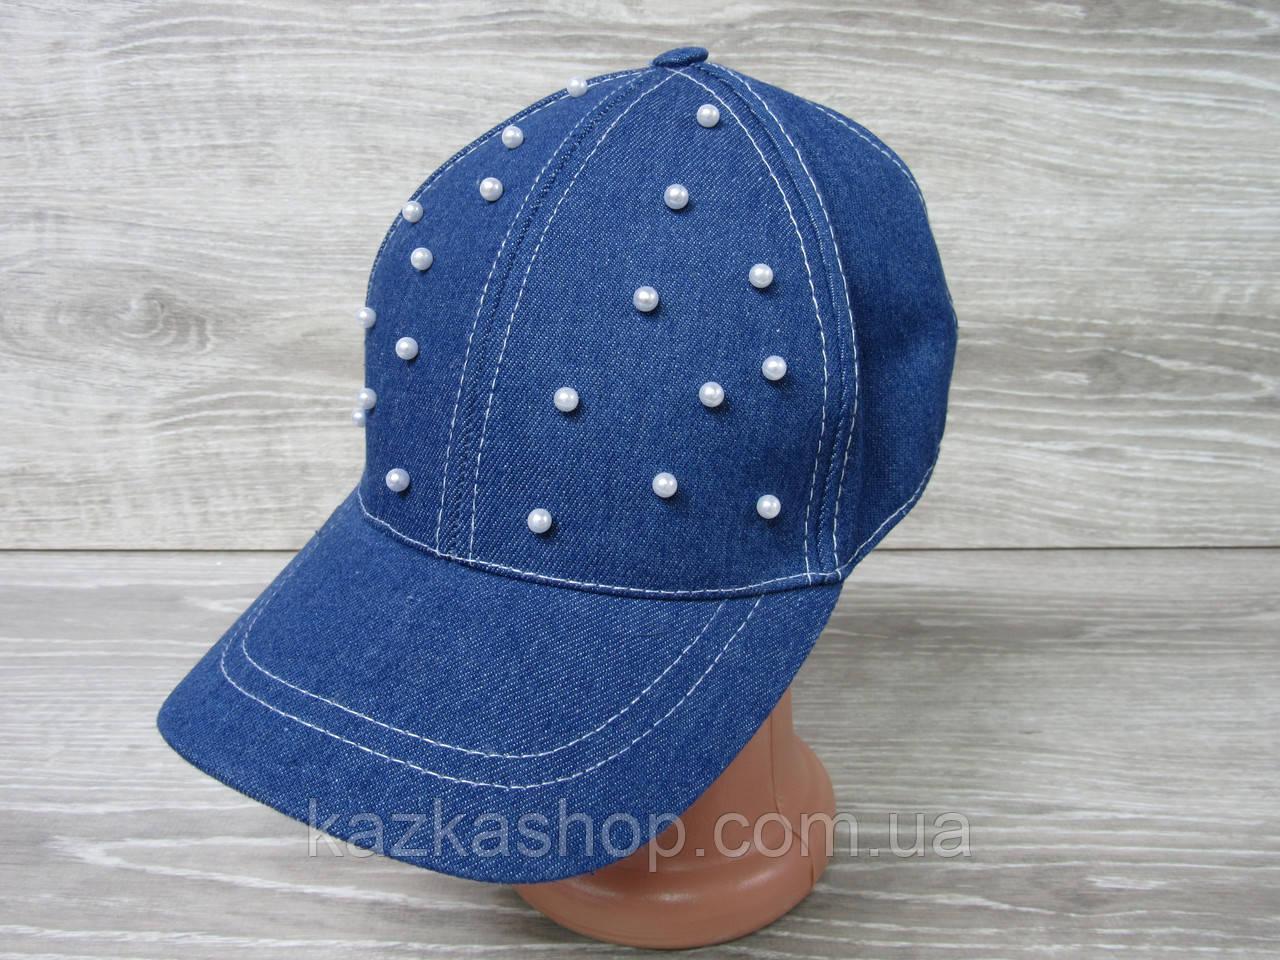 Джинсовая кепка для девочек с декоративными бусинками, сезон весна-лето, с регулятором, размер 55-56 см